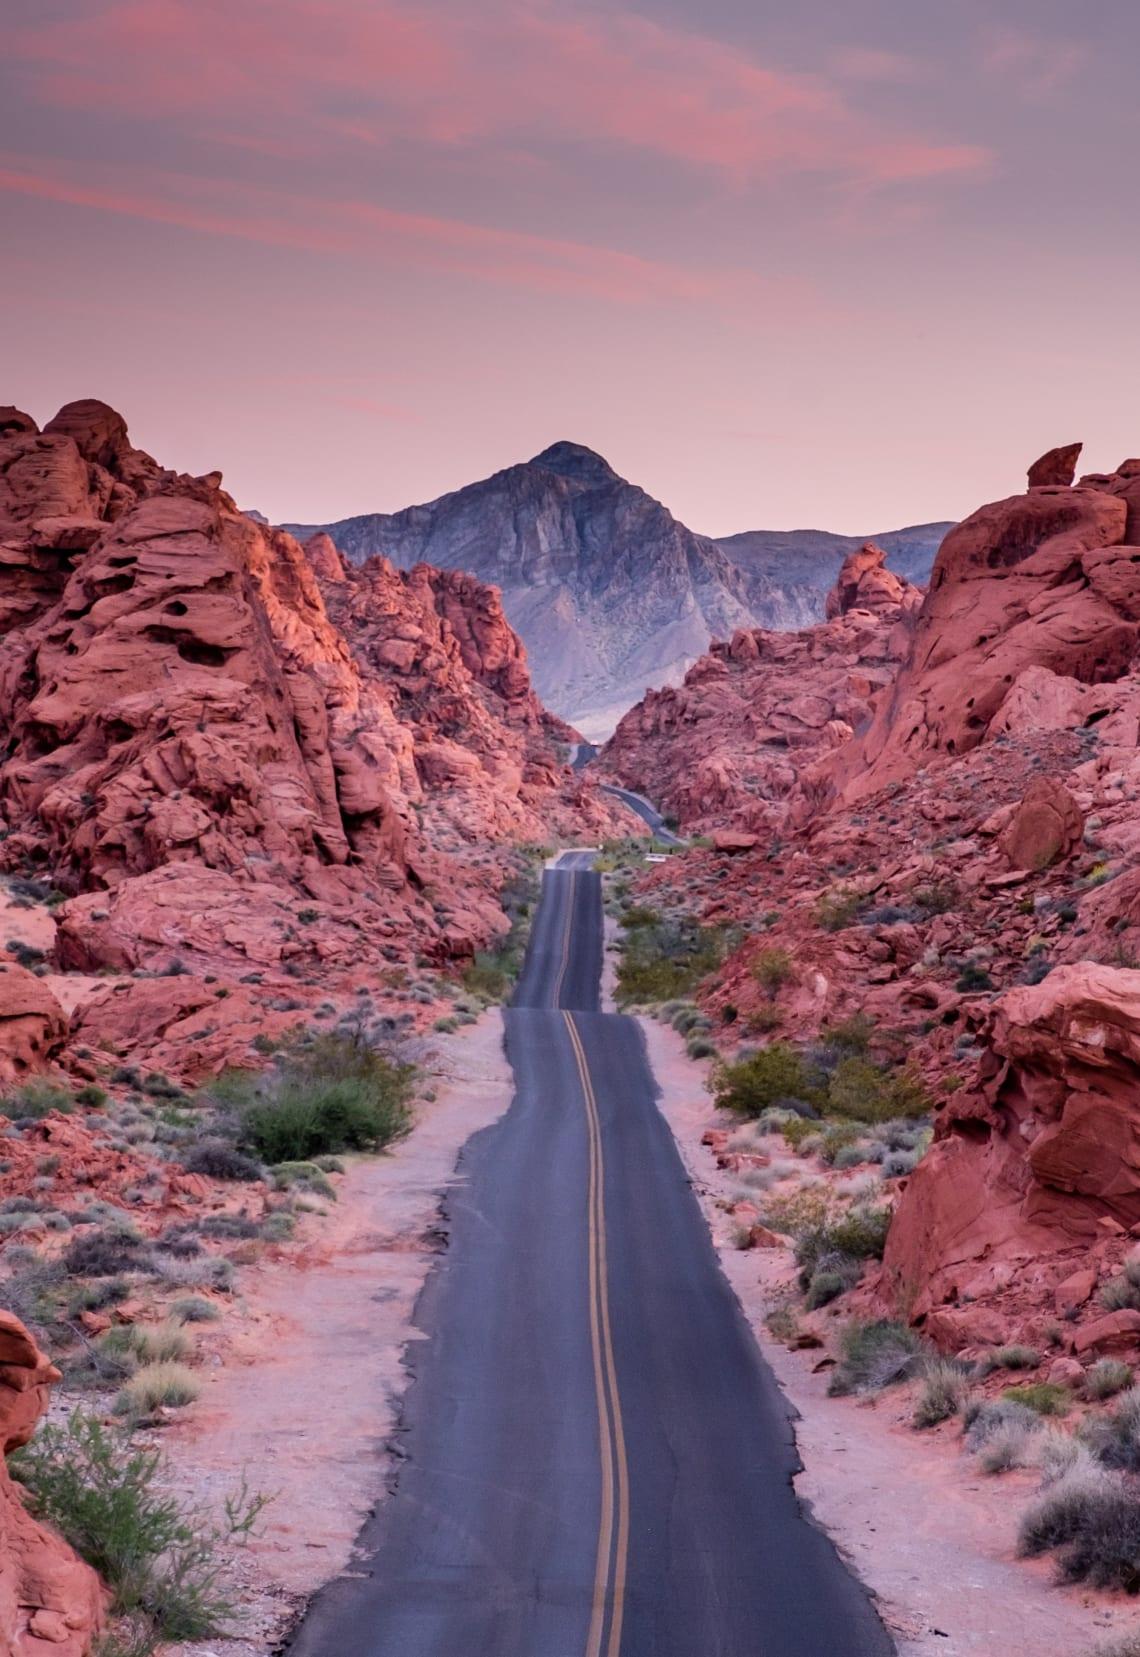 USA travel guide: Nevada